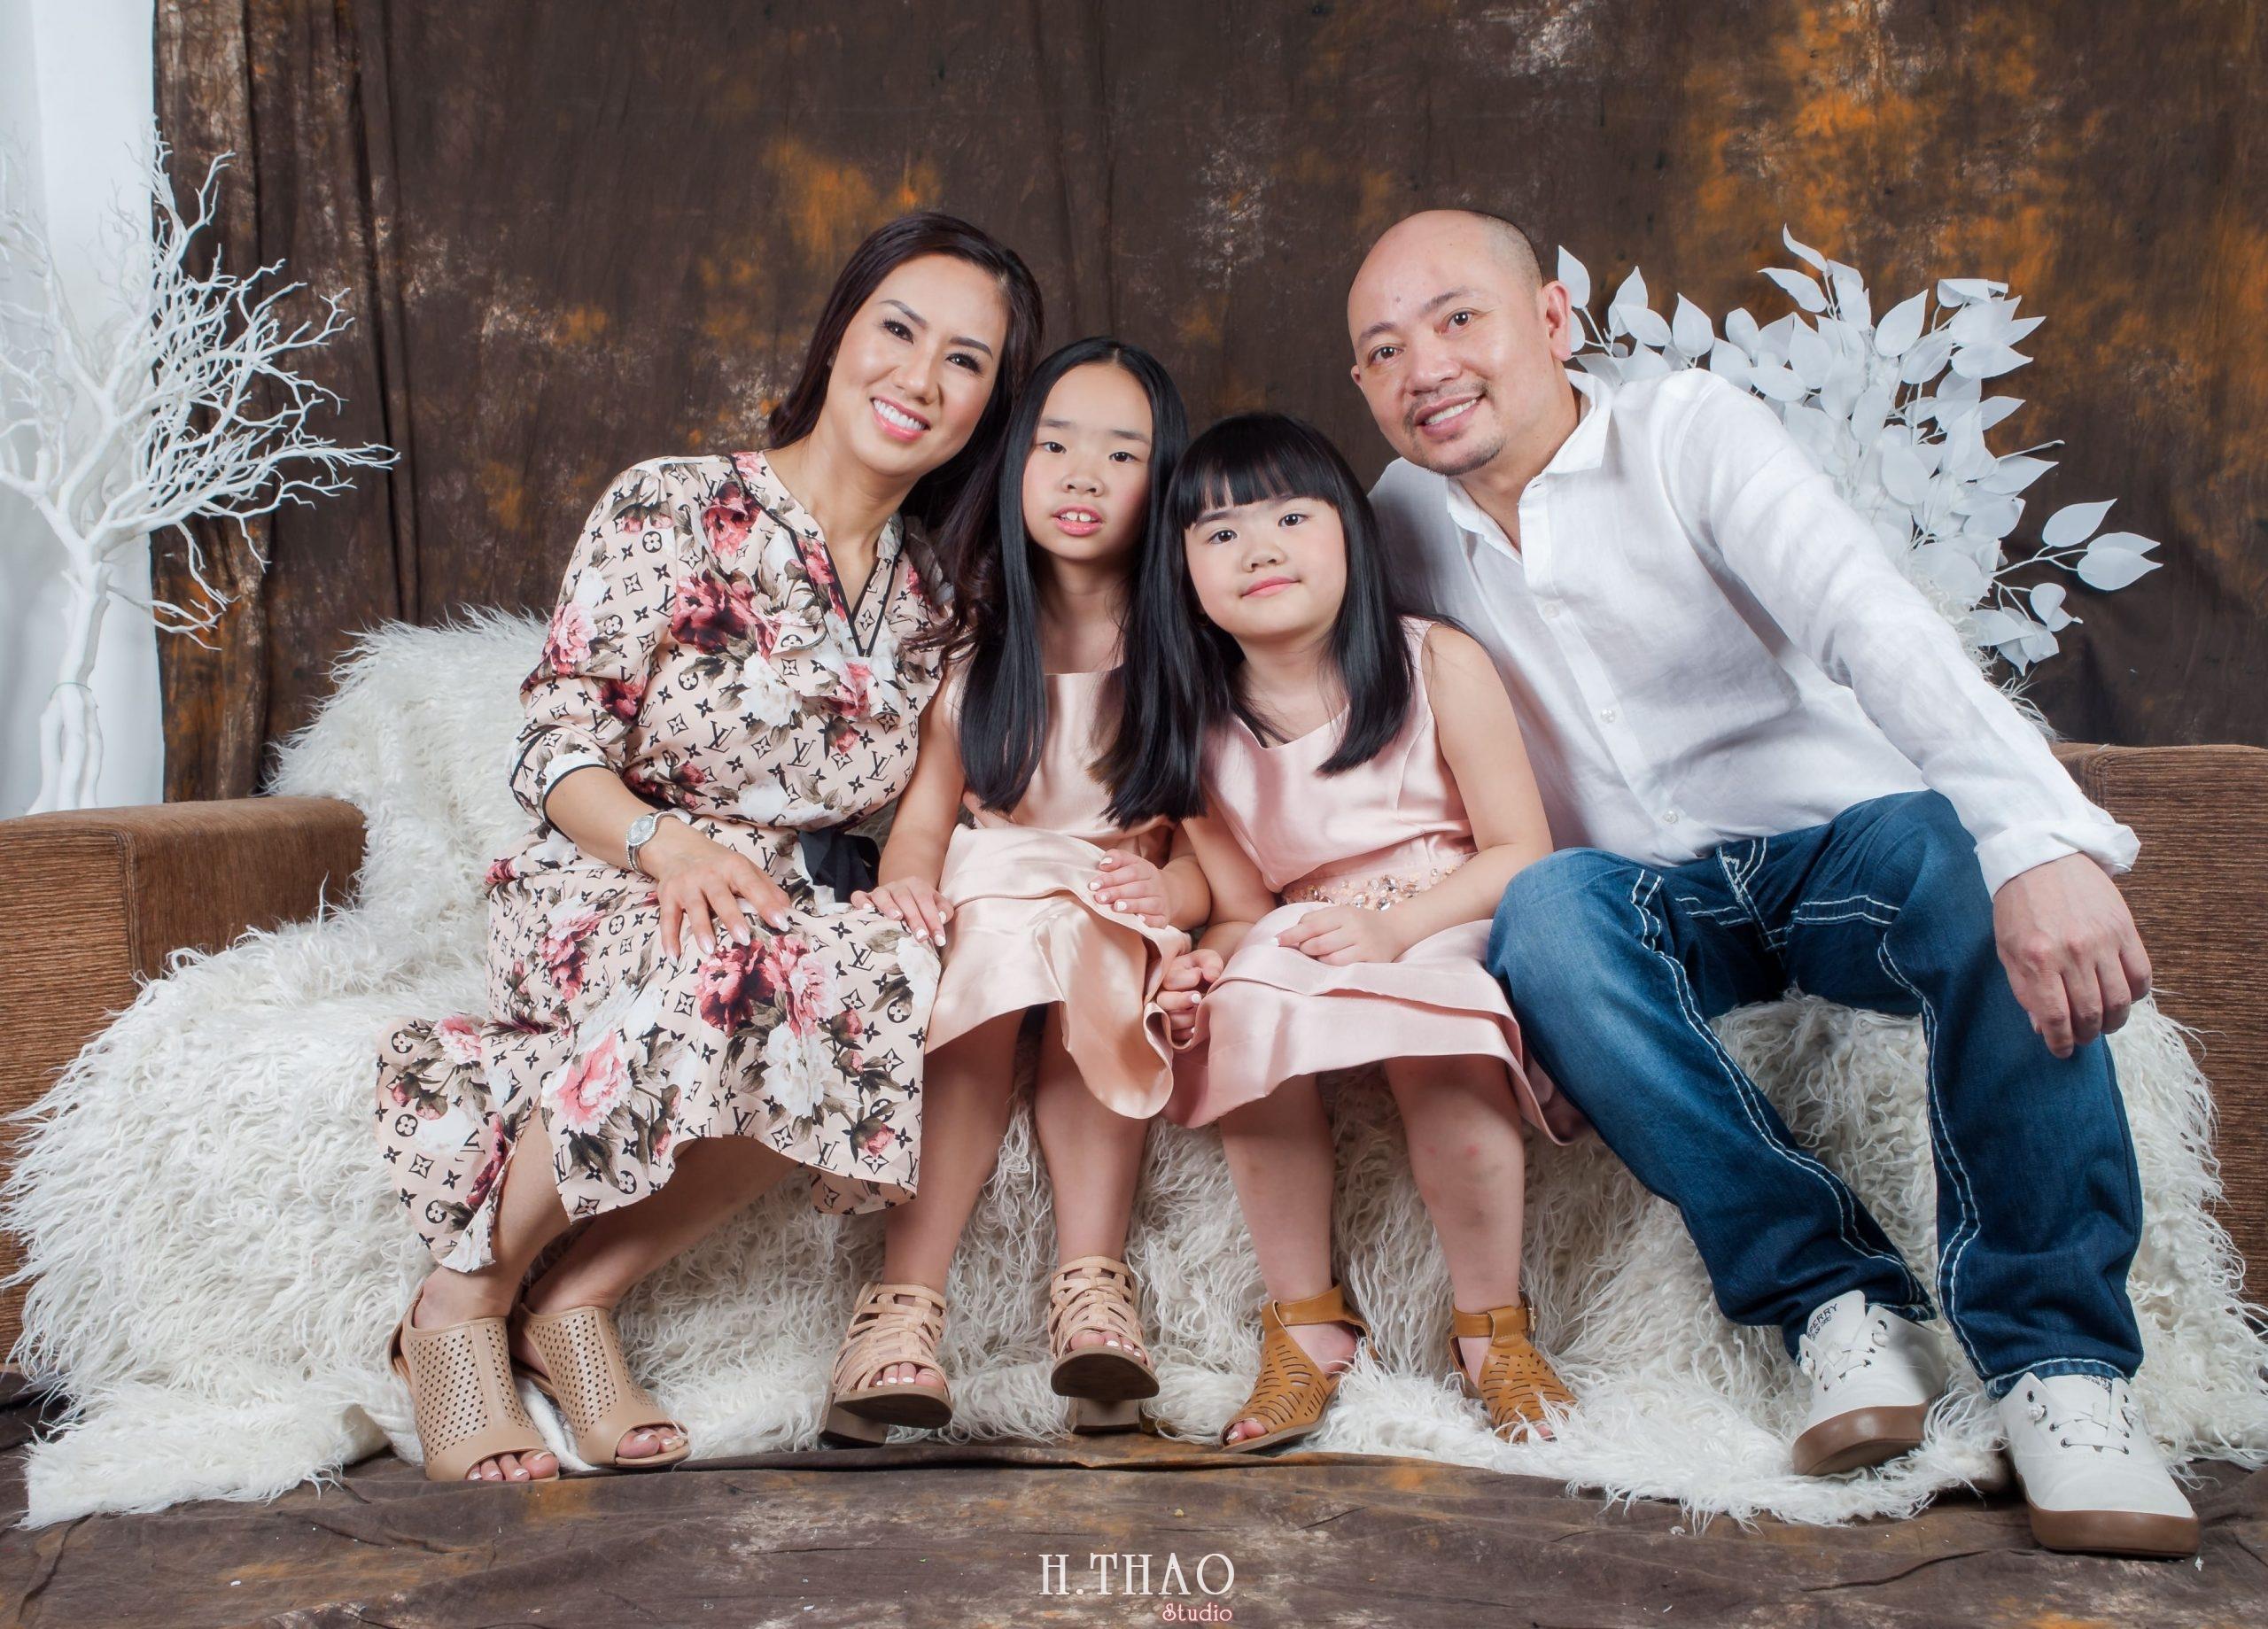 Jenny Nguyen 19 min scaled - Dịch vụ chụp ảnh kỷ niệm ngày cưới - HThao Studio